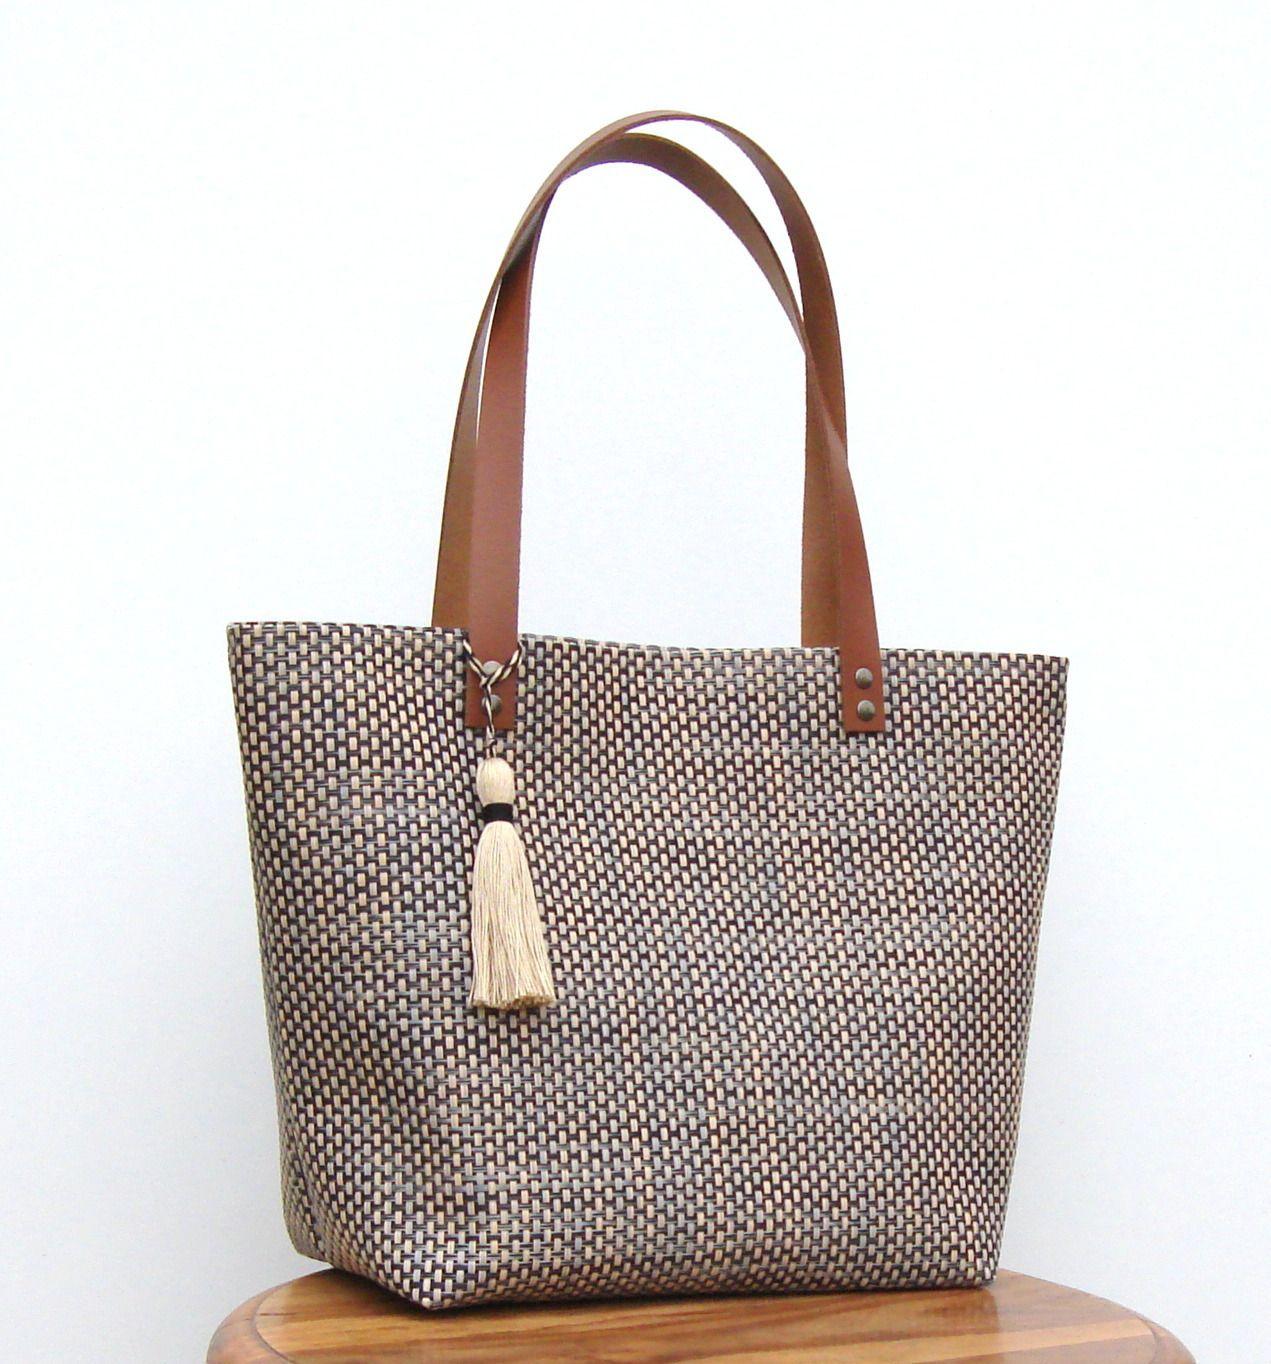 sac cabas où shopping en pvc tressé noir et beige, anses en cuir